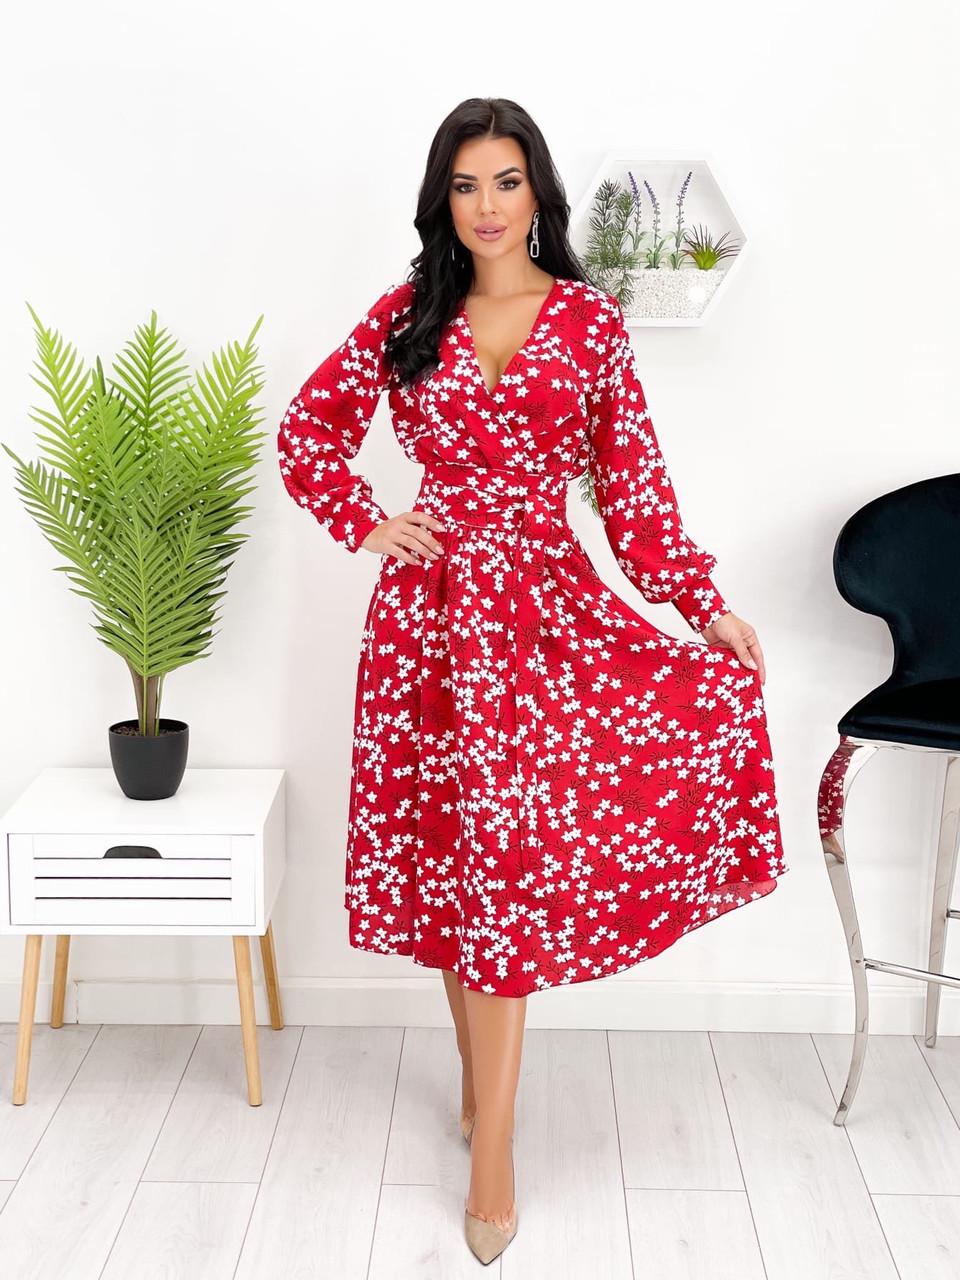 Женское платье длиною миди с имитацией запаха, цветочный принт